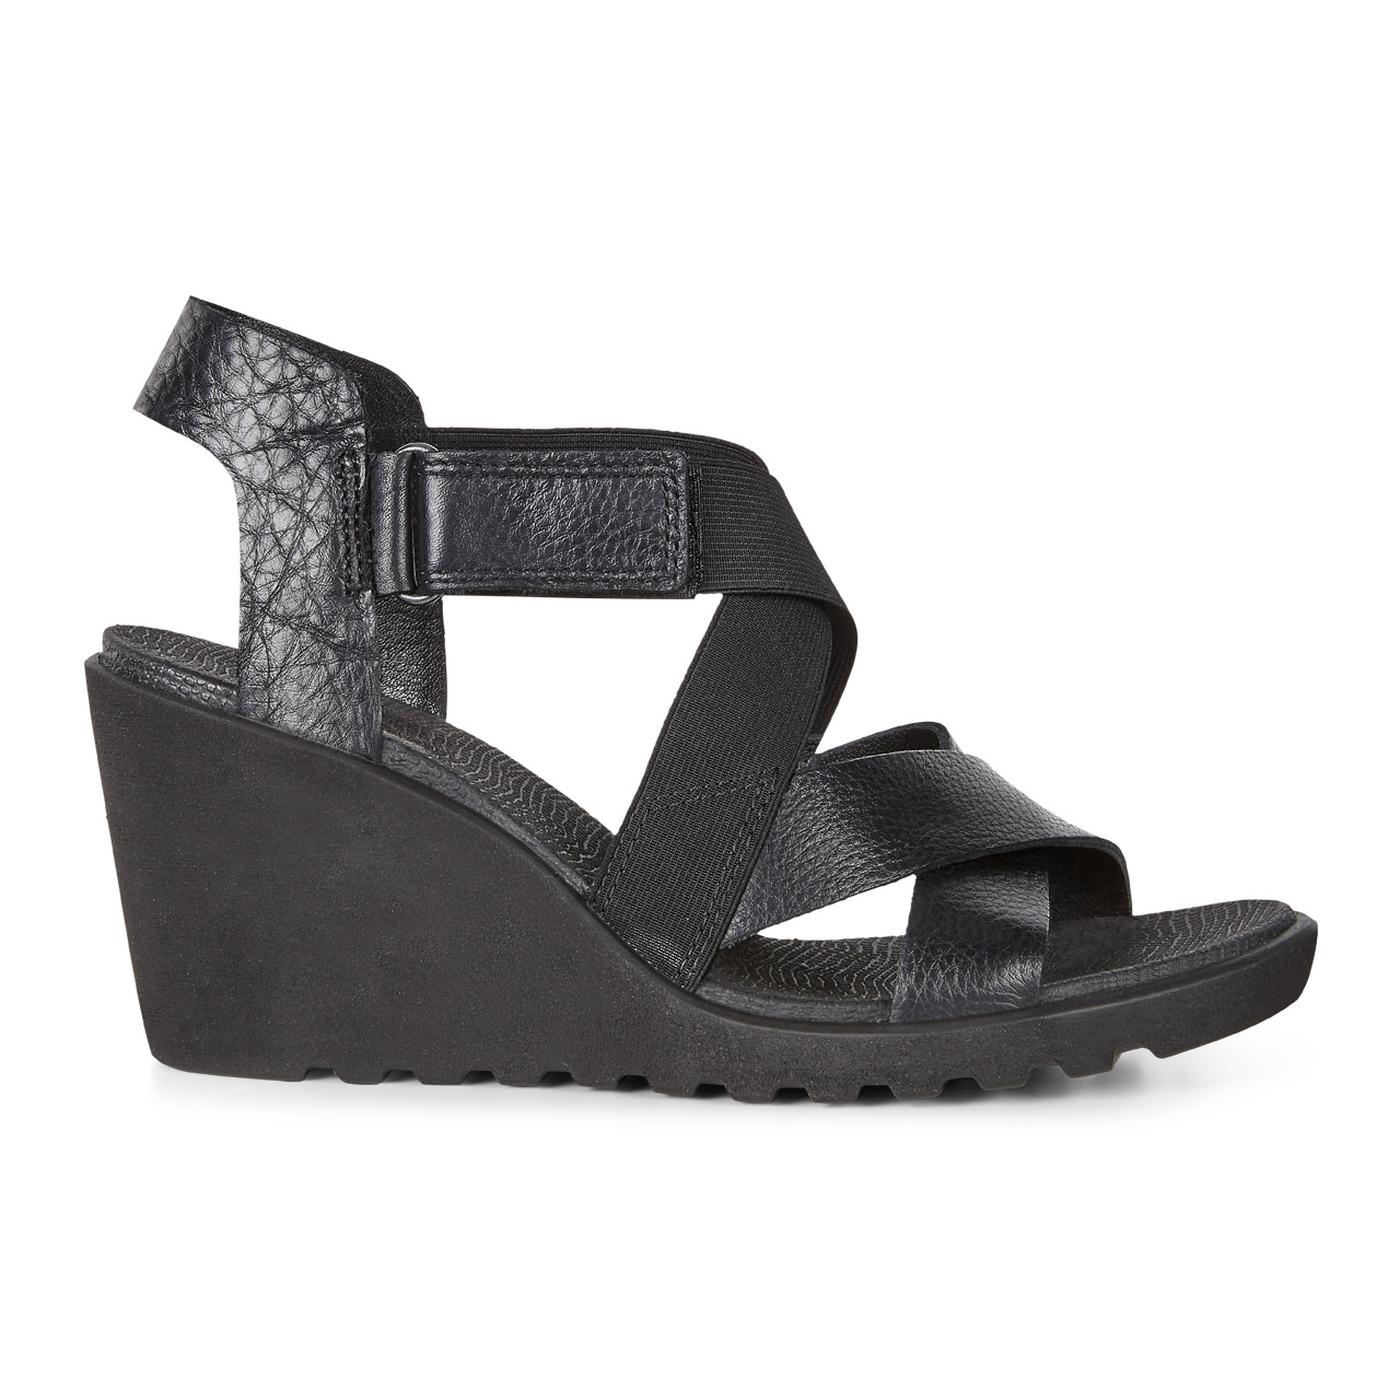 ECCO FREJA Wedge Sandal Strap